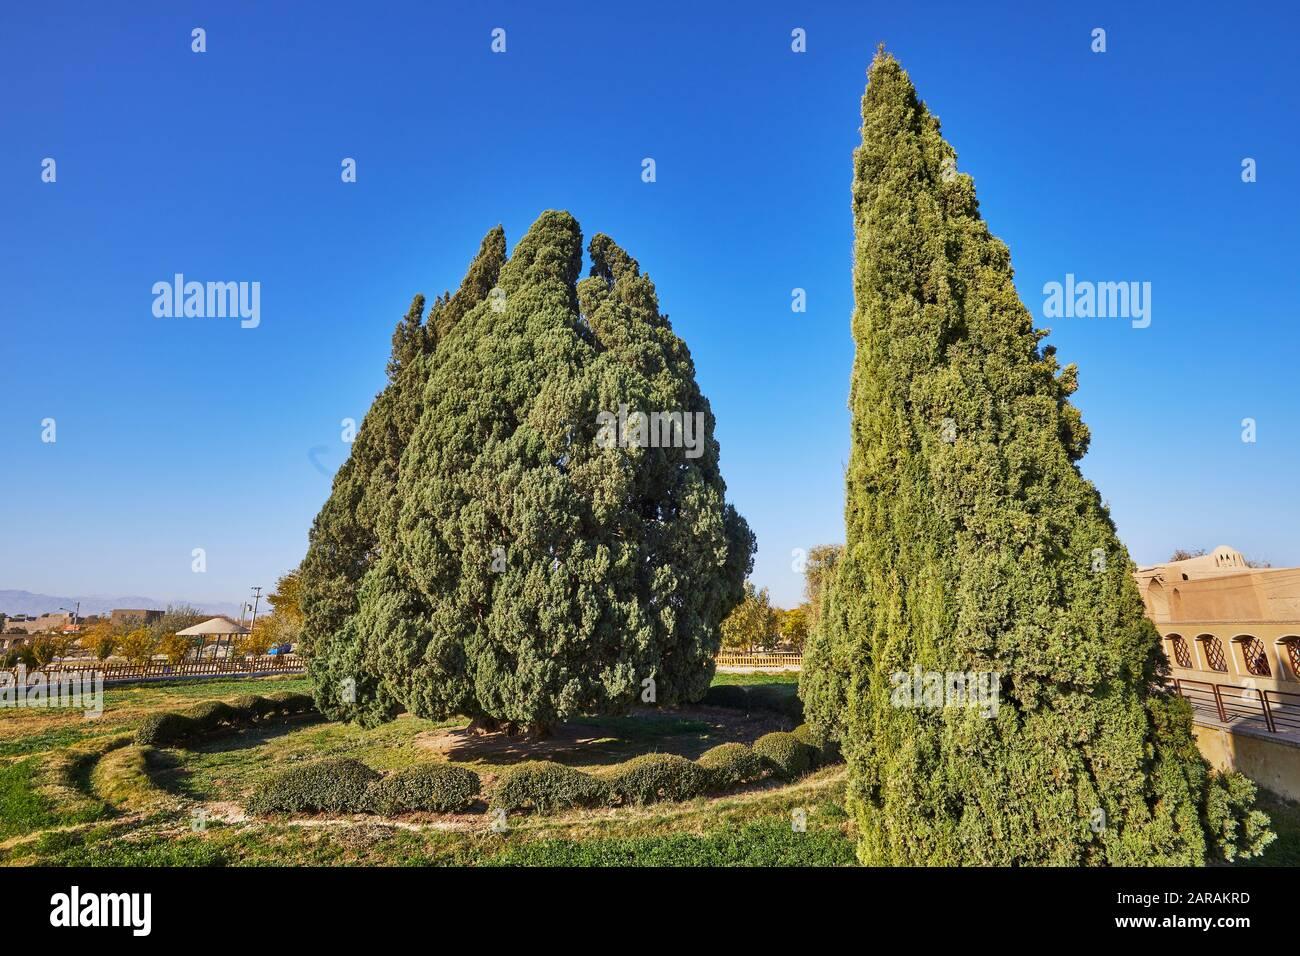 Un árbol de ciprés milenario en la ciudad de Abarkuh en Irán, tomado el 18 de noviembre de 2017. Mide 25 metros de altura y la circunferencia de su tronco es de 11.5 metros. Según la leyenda, fue plantada por el fundador religioso Zarathustra. El ciprés de Abarqu ha sido propuesto para la lista de sitios del Patrimonio Mundial. | uso en todo el mundo Foto de stock